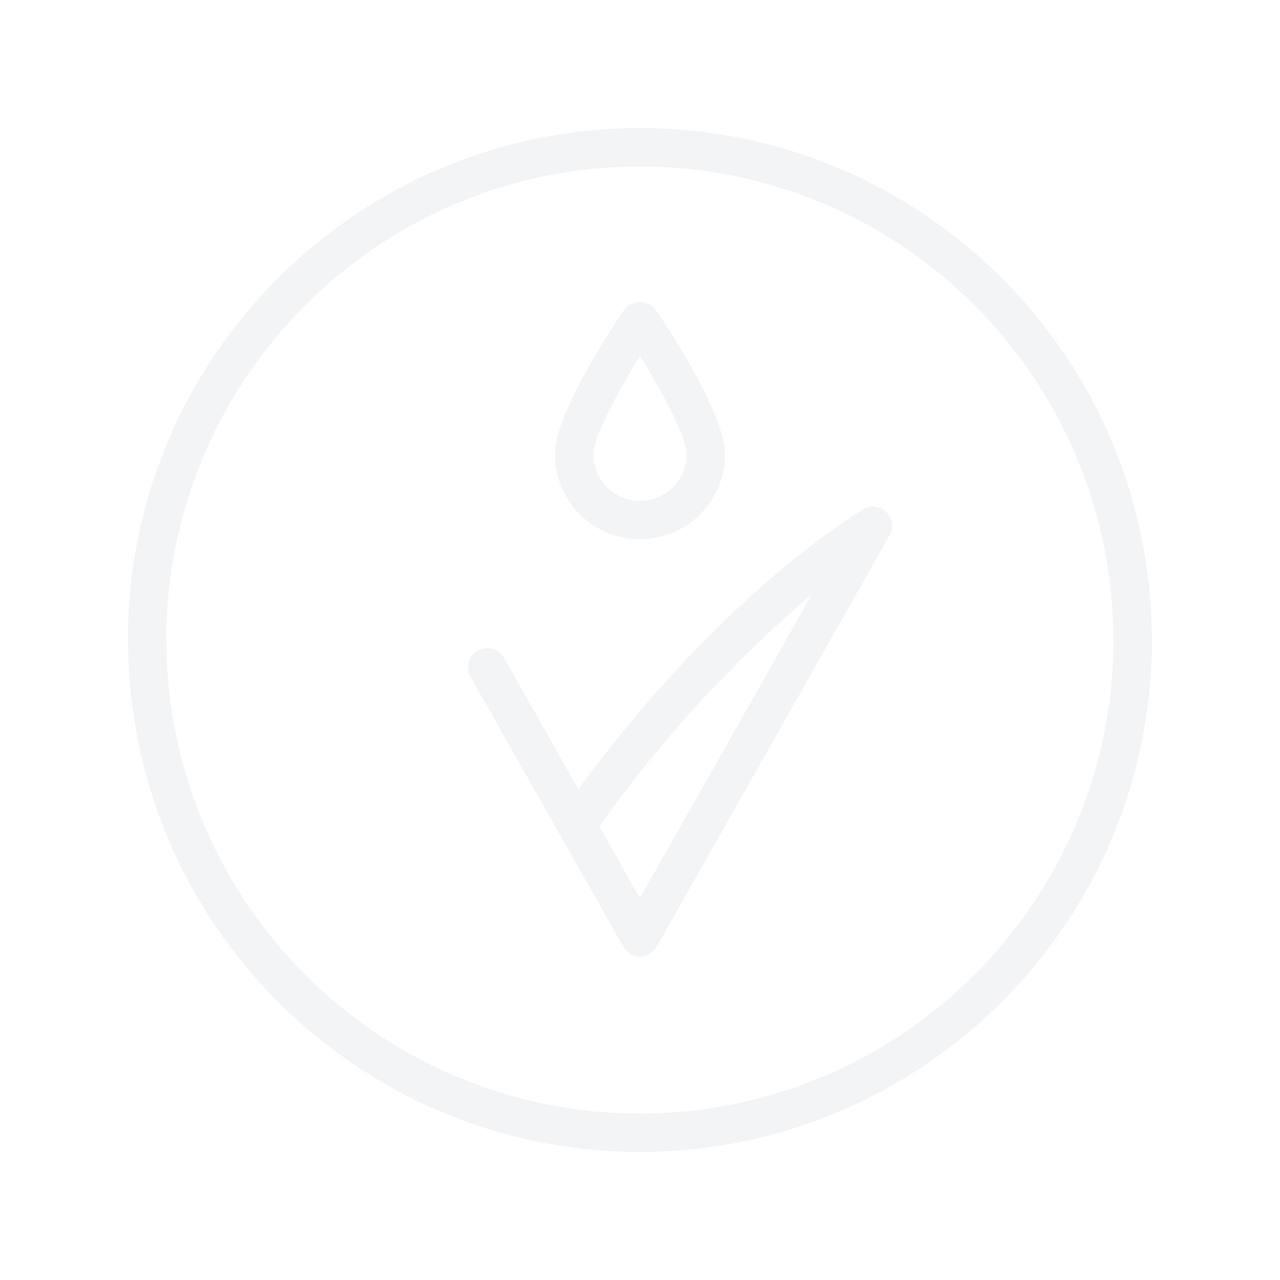 MIZON Snail Wrinkle Care Sleeping Pack 80ml маска с улиточным муцином